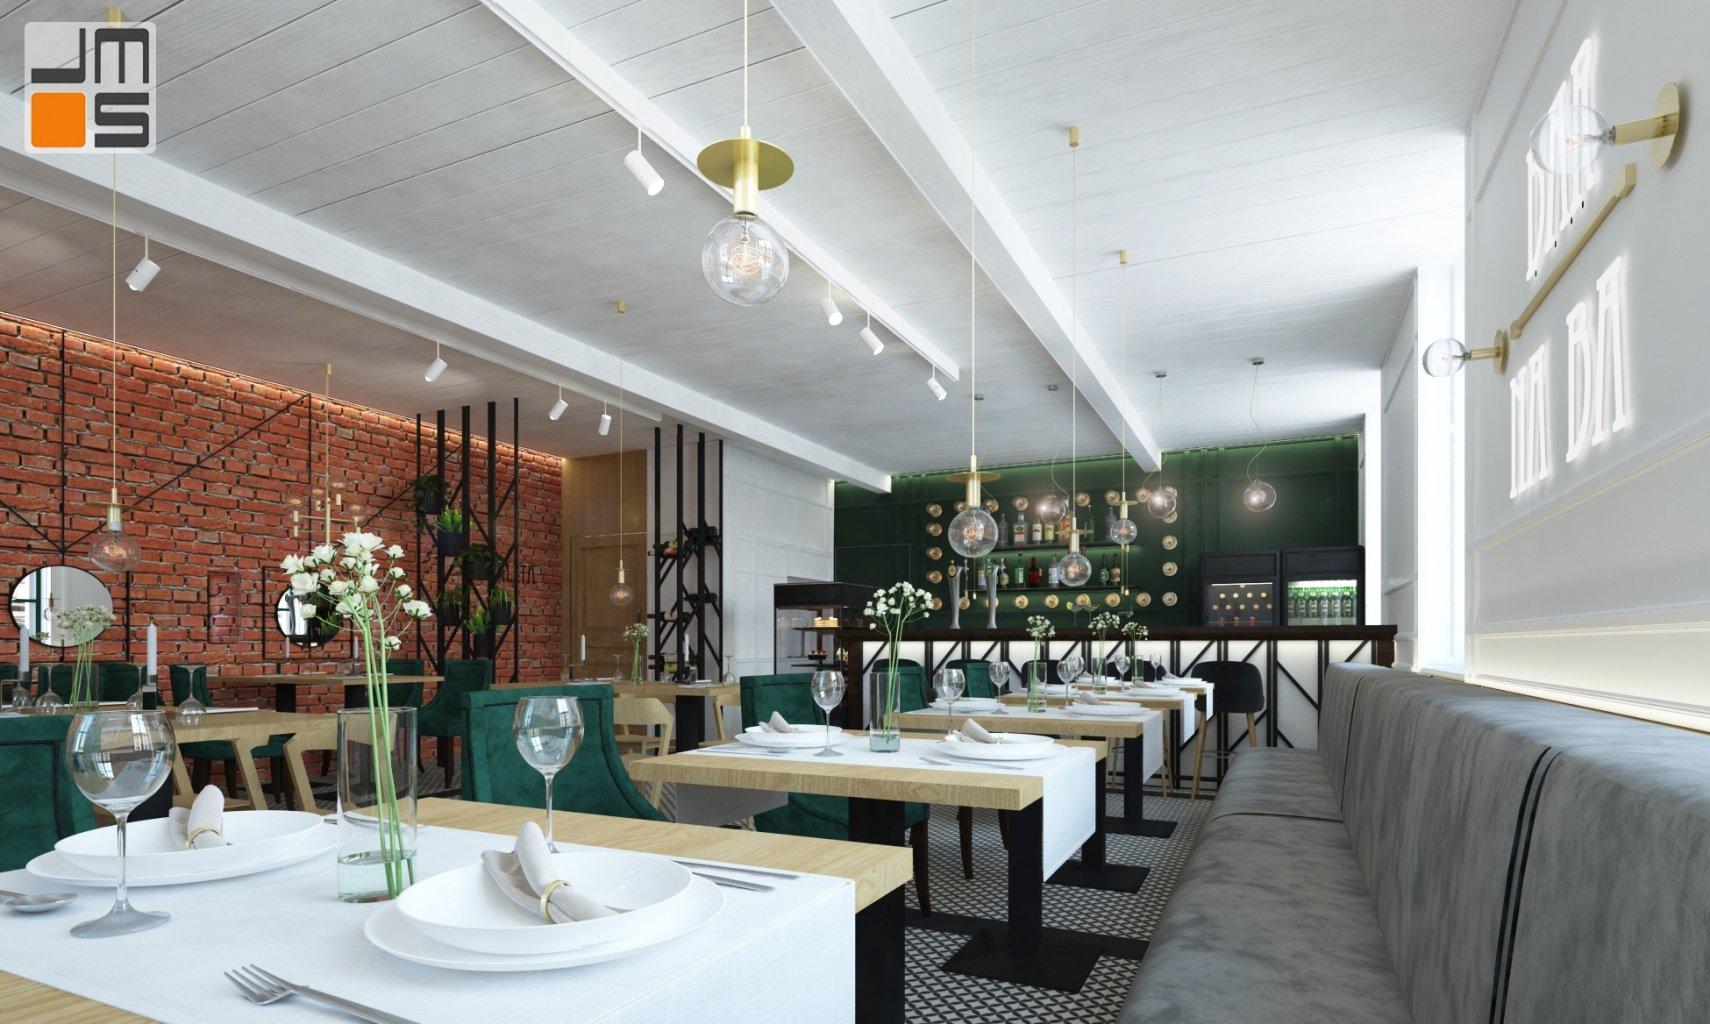 w projekcie wnętrz baru restauracji w Krakowie cegła pięknie łączy się z zielonymi i złotymi dodatkami w białych jasnych wnętrzach